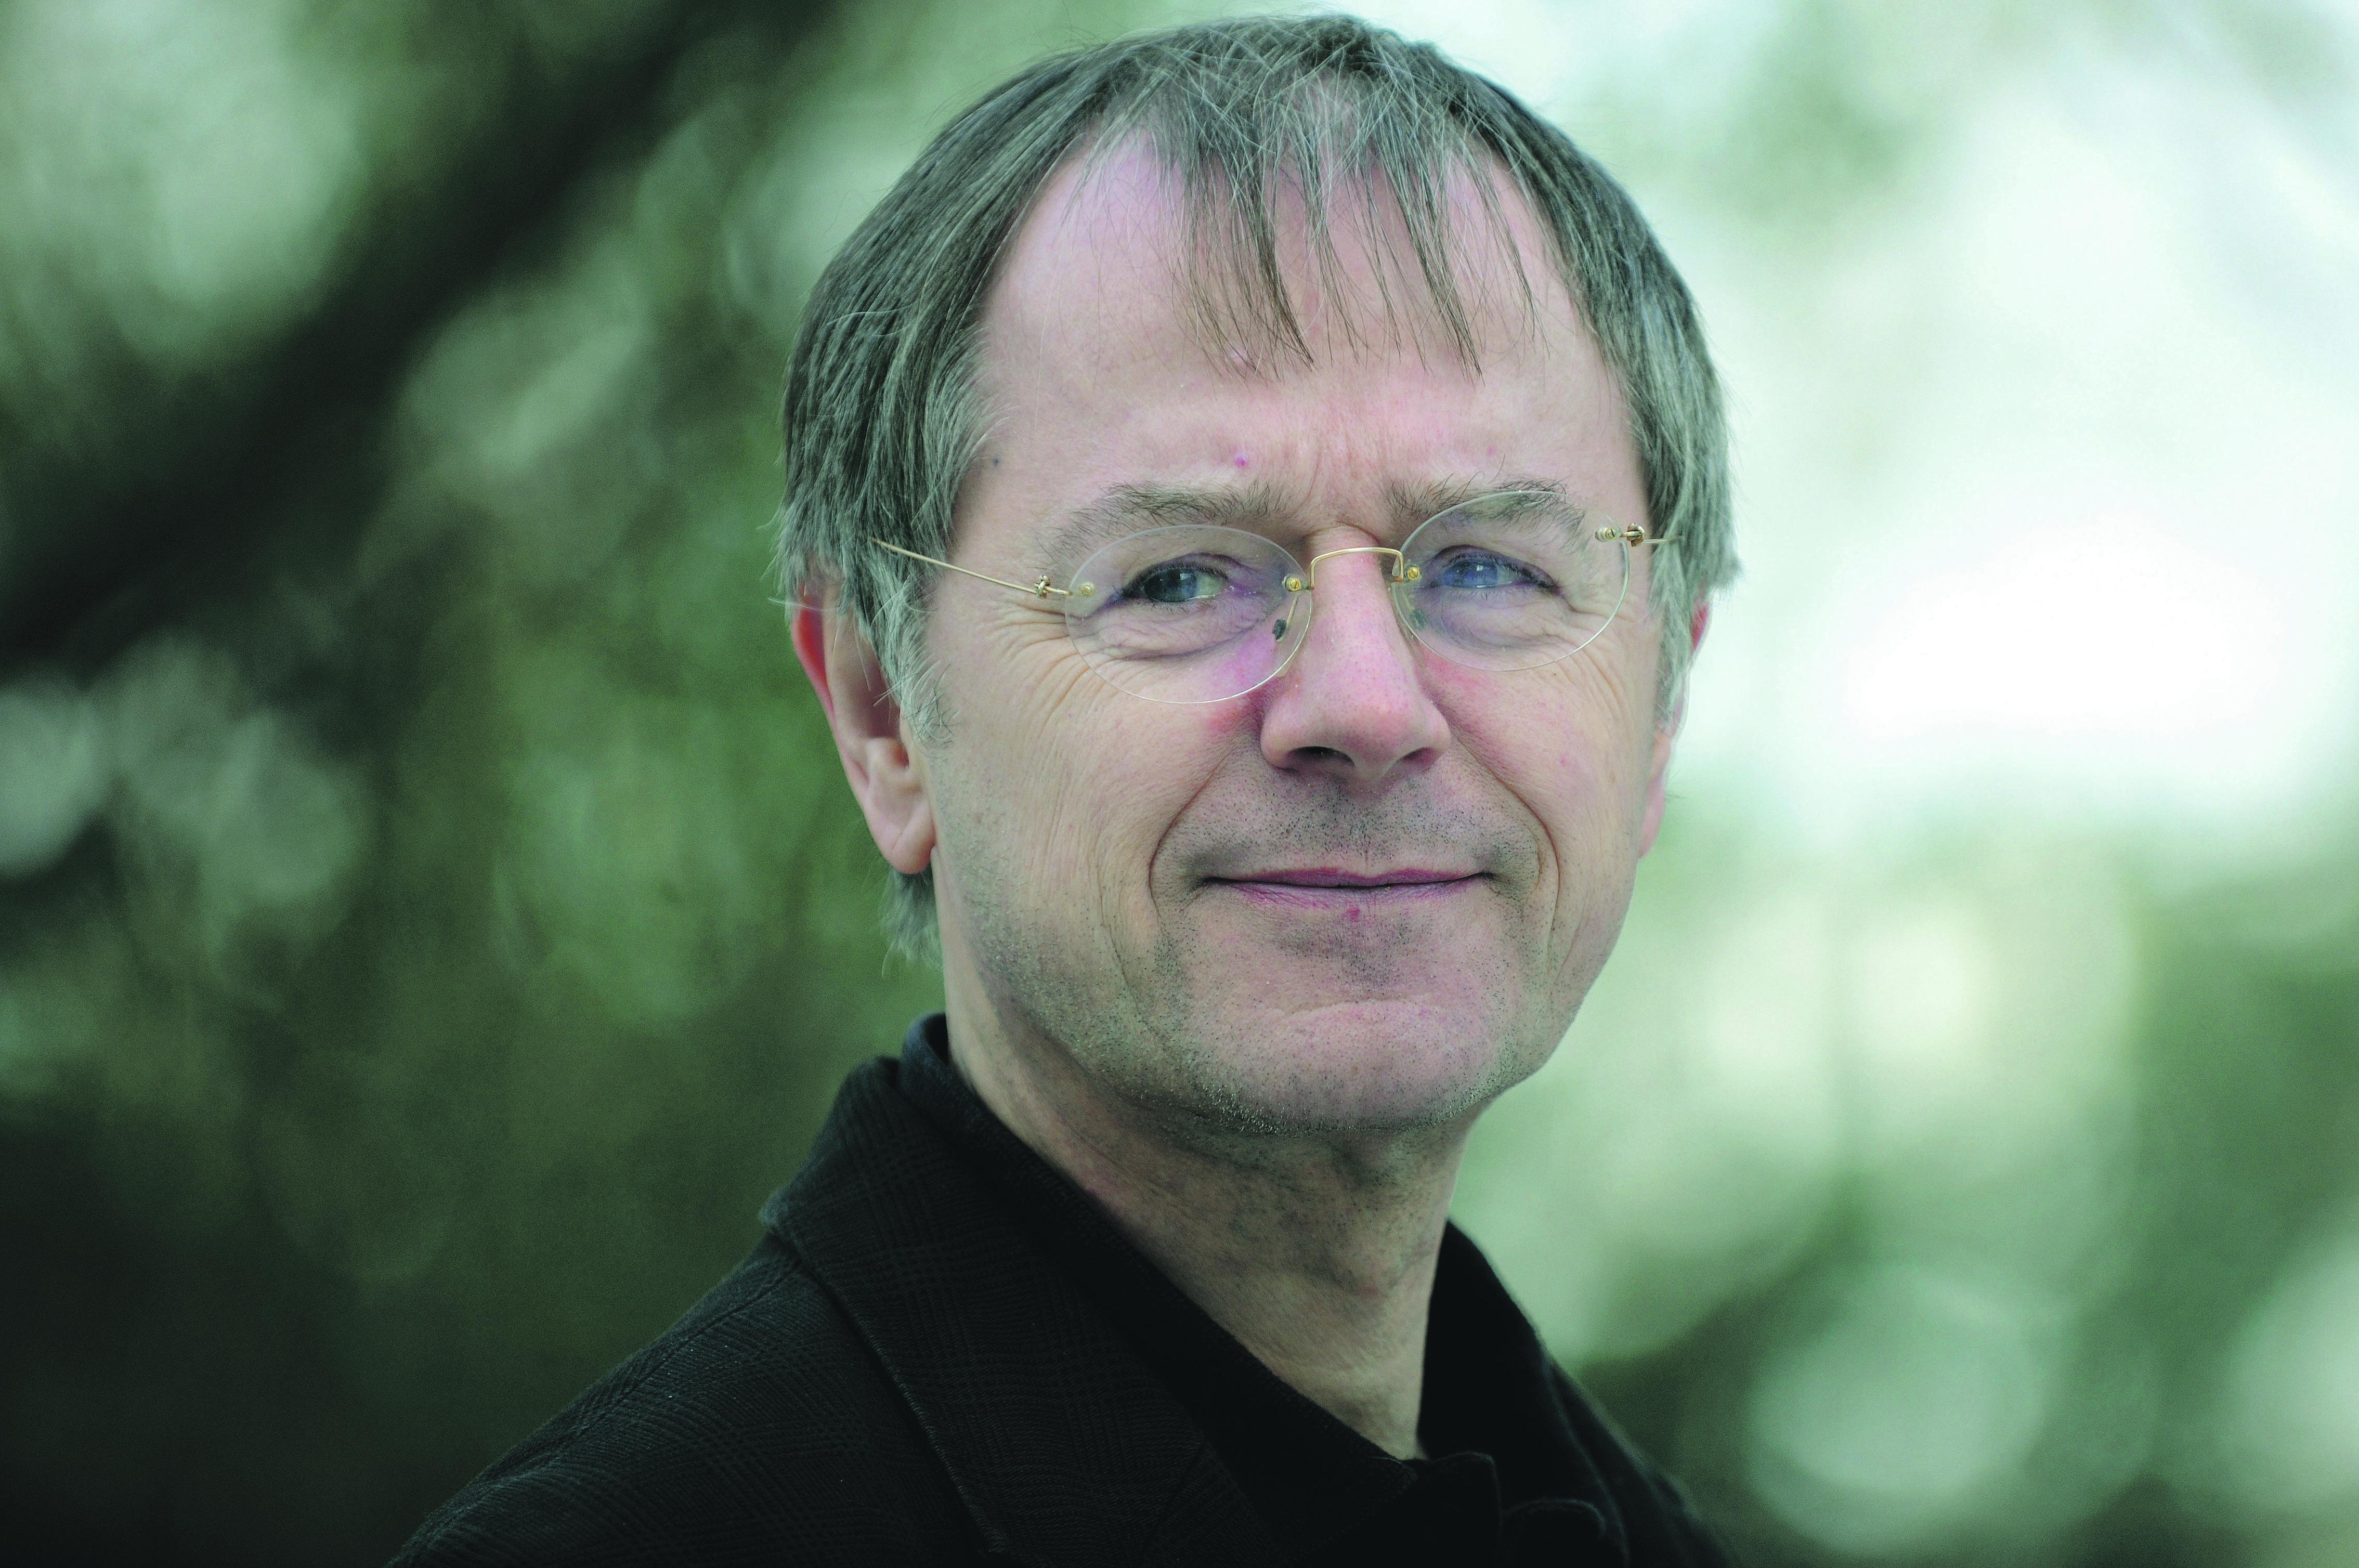 Prof. Dr. Christoph Butterwegge ist Professor für Politikwissenschaft am Institut für vergleichende Bildungsforschung und Sozialwissenschaften an der Humanwissenschaftlichen Fakultät der Universität zu Köln. Foto: Wolfgang Schmidt